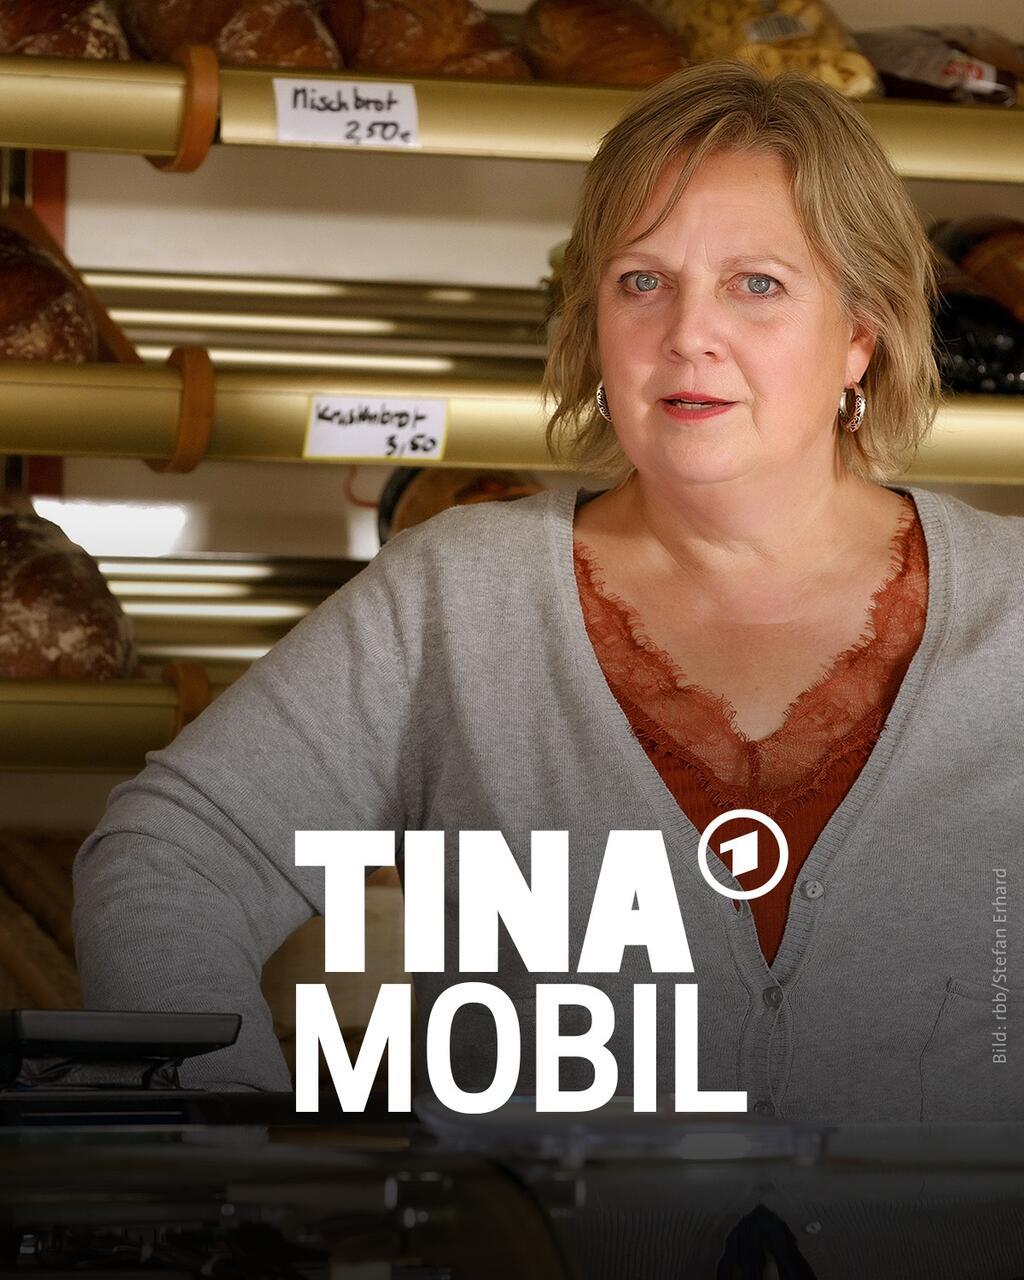 Tina mobil - Staffel 1